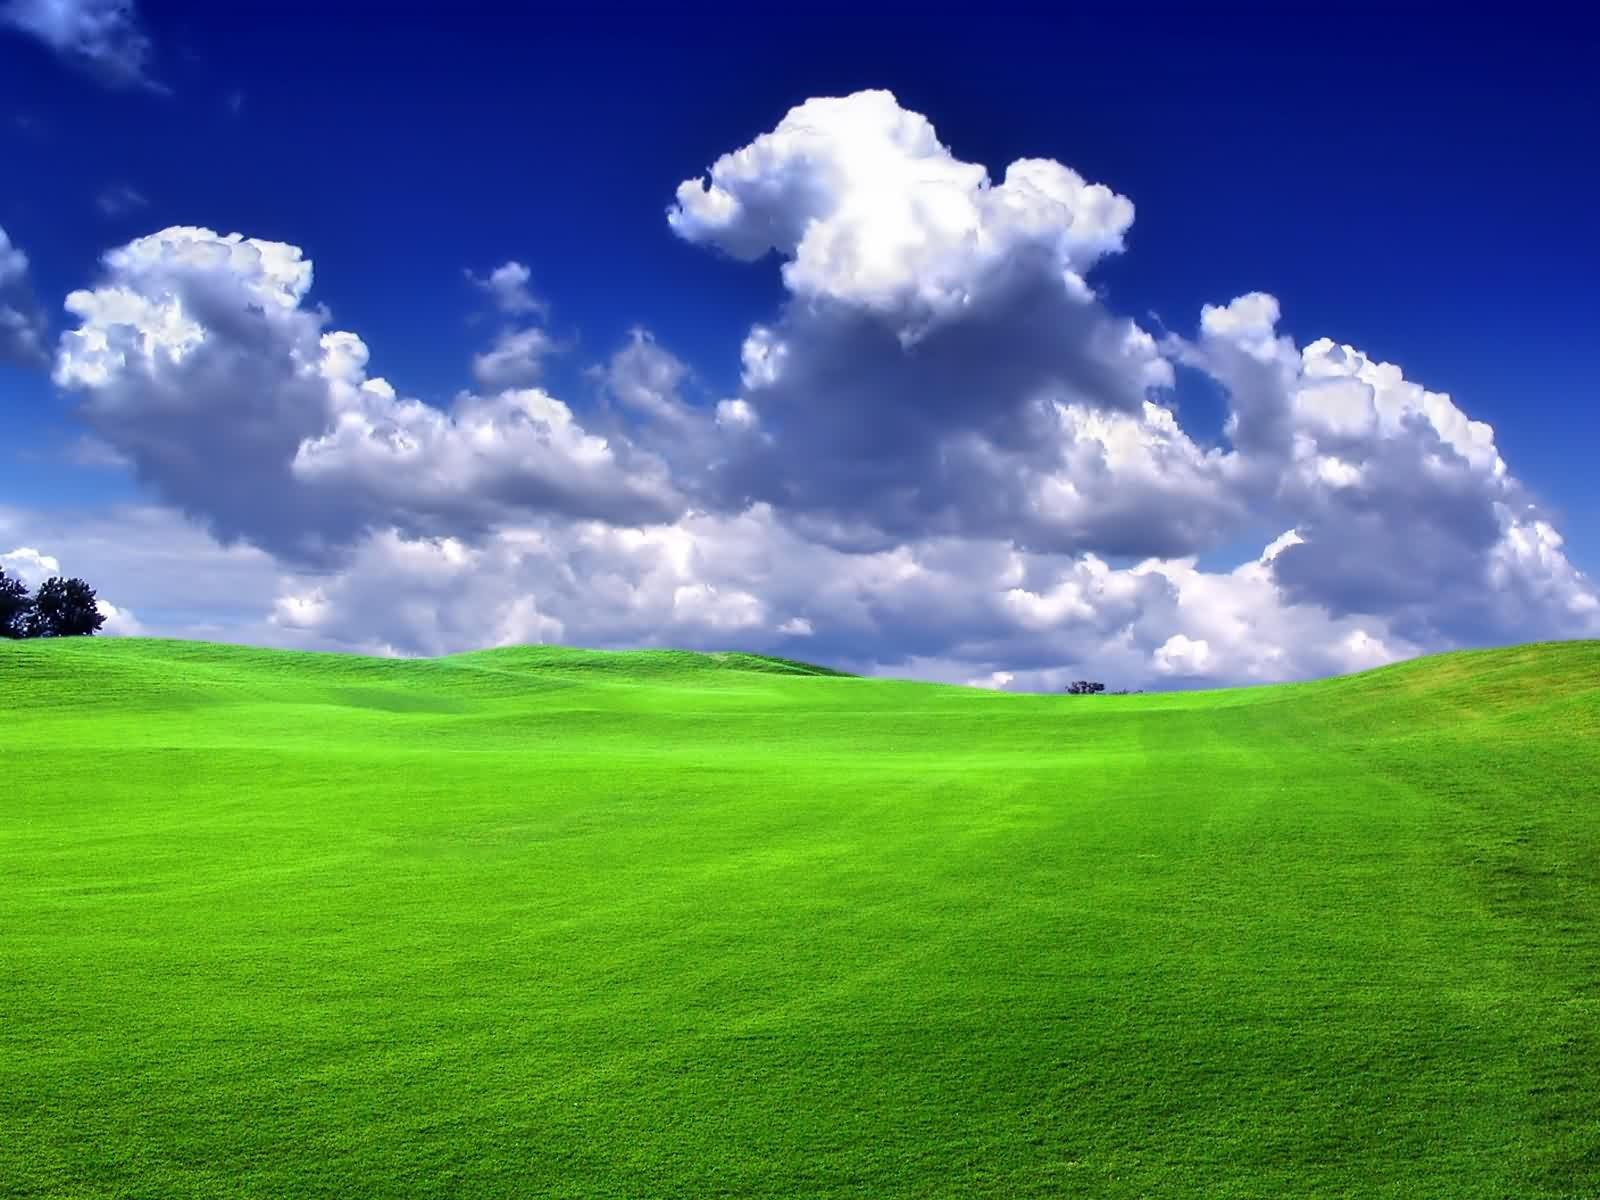 http://3.bp.blogspot.com/-61bqfqFUvs8/URqICNtFFCI/AAAAAAAABpc/eAE_ARP1JRw/s1600/desktop-wallpaper-hd.jpg